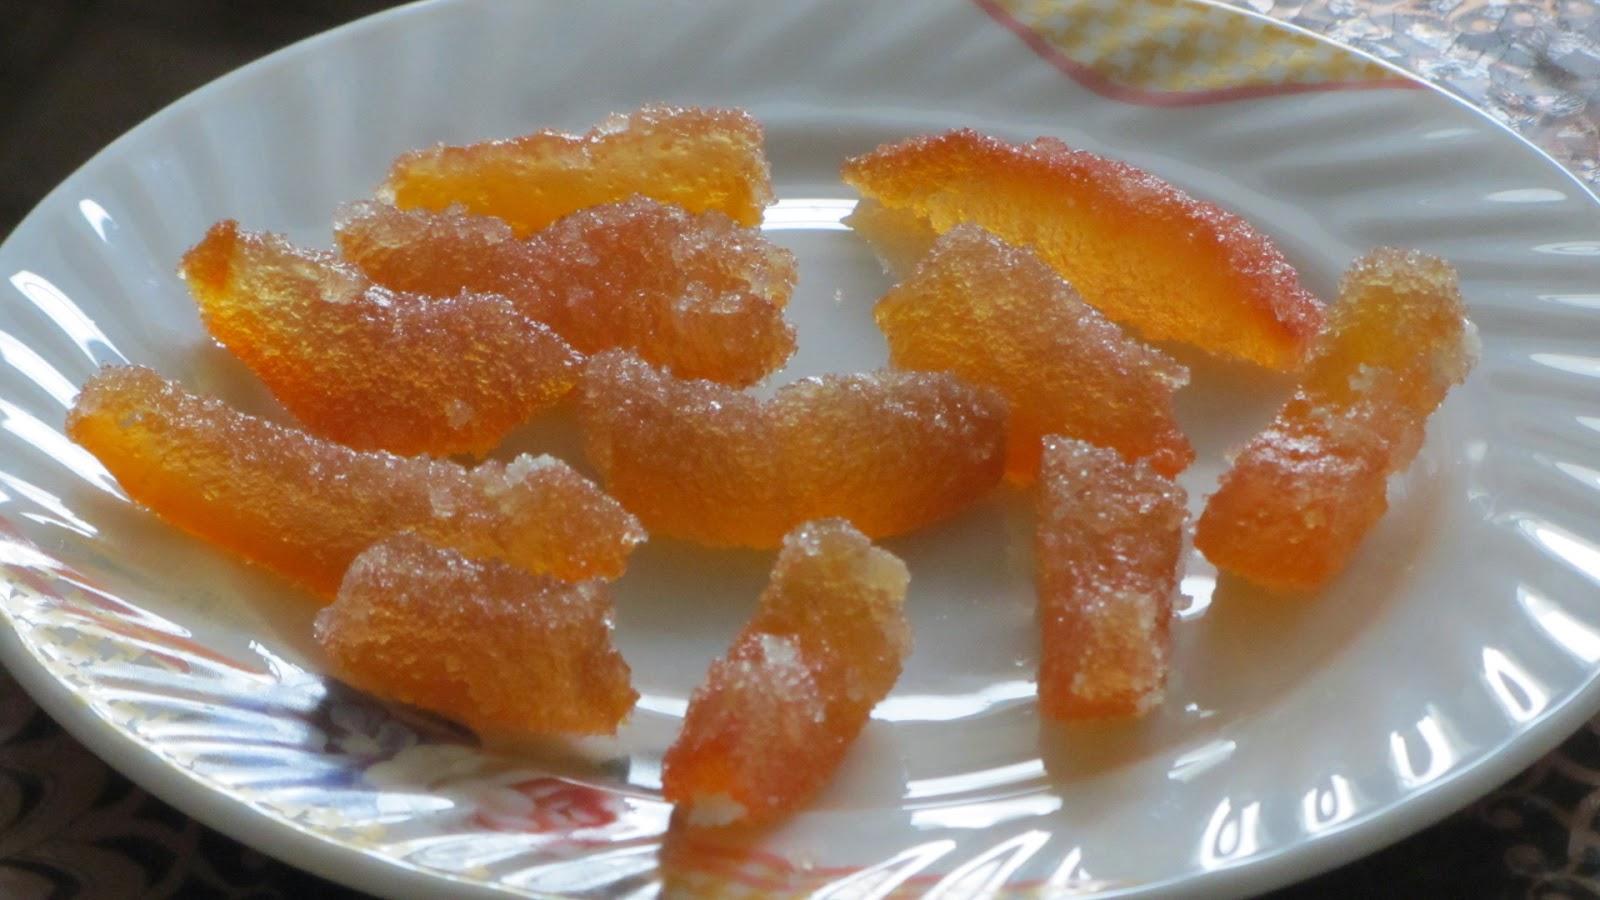 Цукаты из лимонных корок: рецепт приготовления в домашних условиях, как сделать быстро